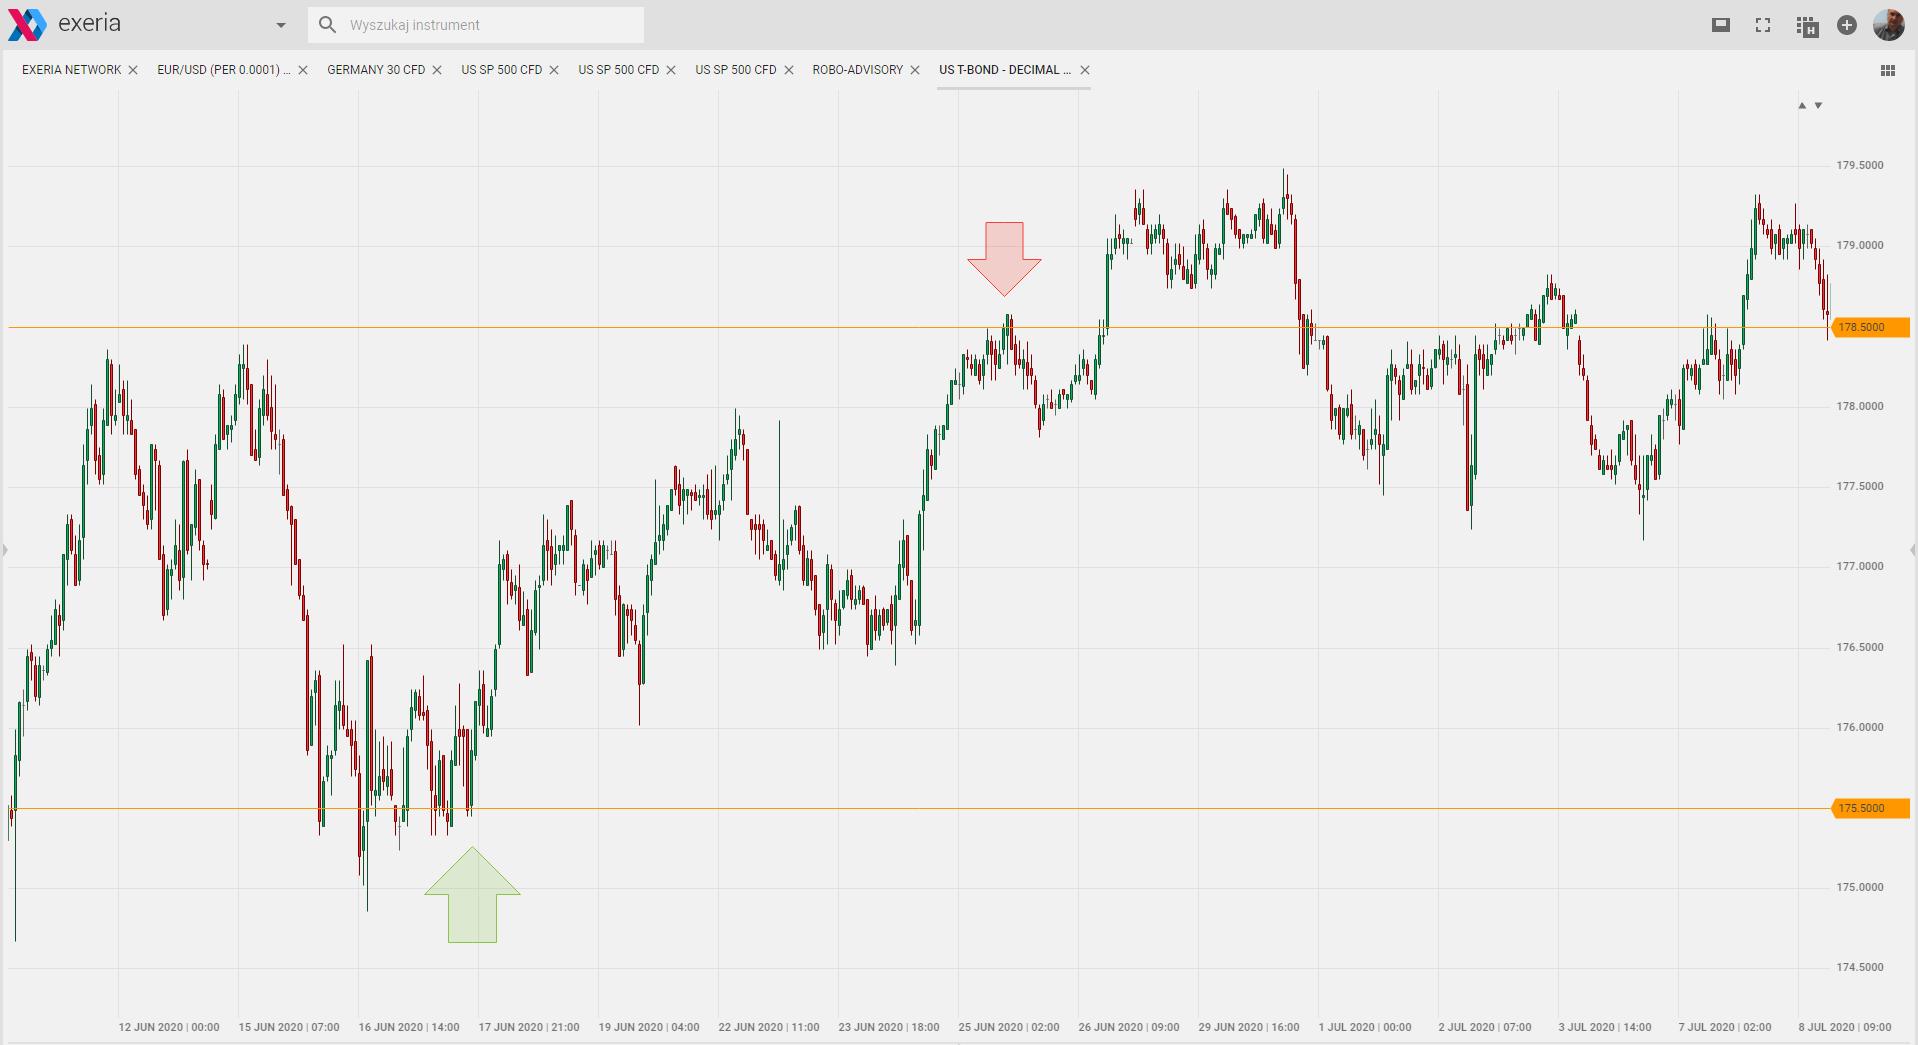 forex, cfd, bitcoin, crypto, analizy rynkowe, wykresy, prognoza kursów, FX, waluty, importer, eksporter, EUR USD CHF PLN GBP JPY